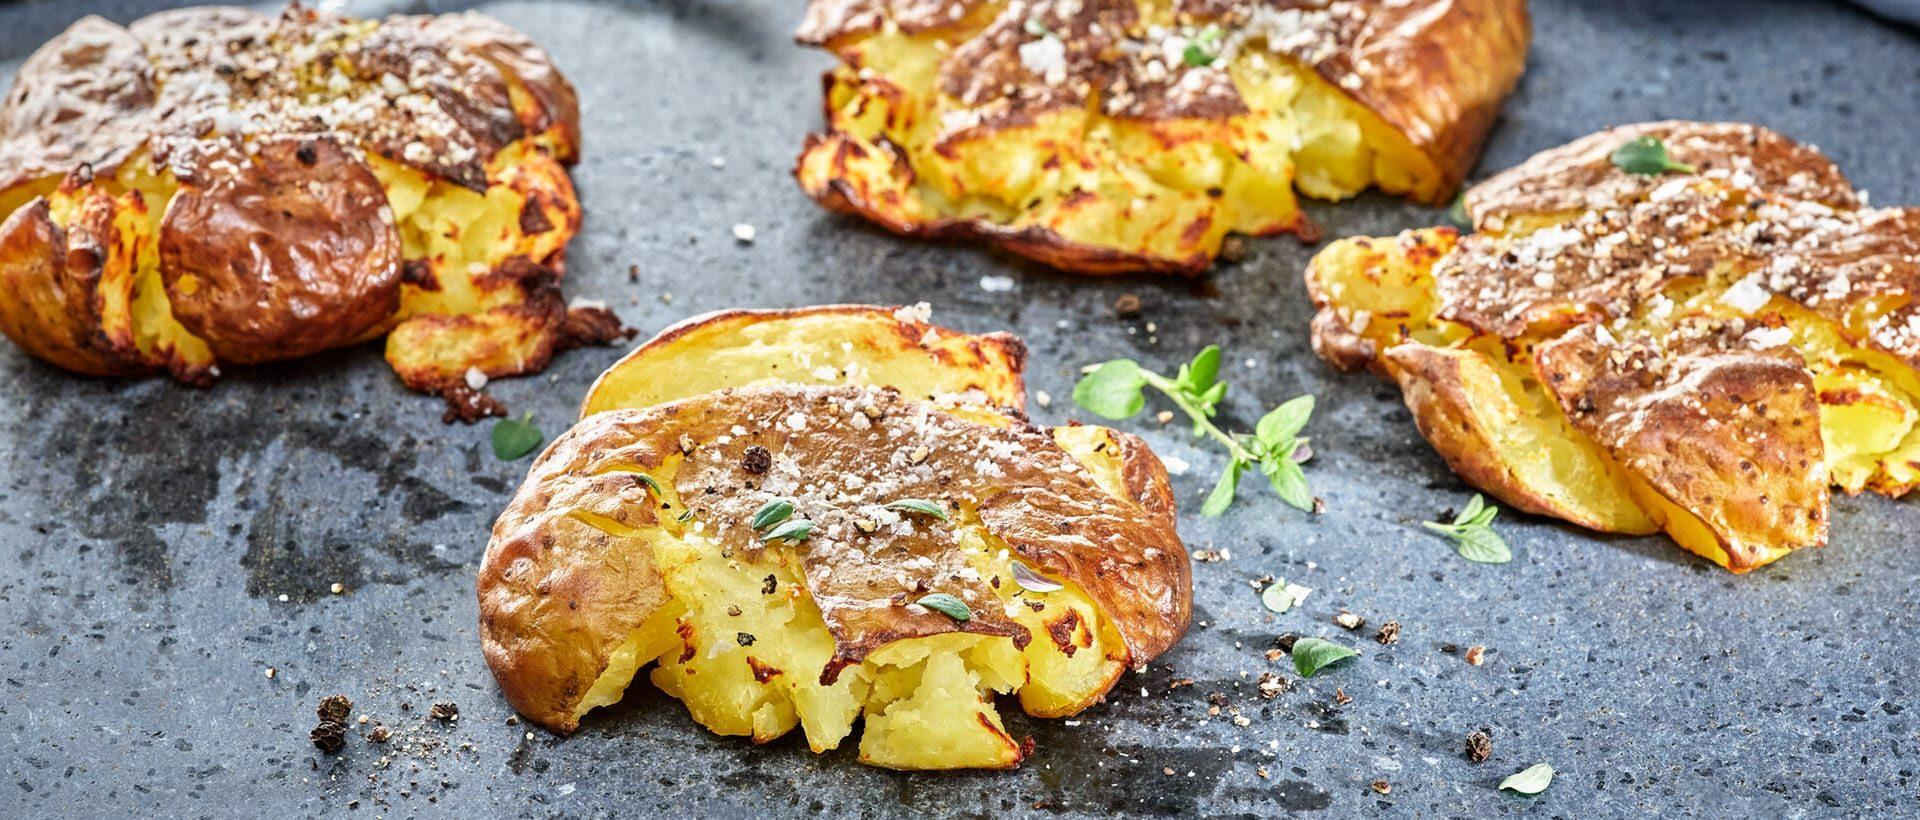 Grillede maste kartofler